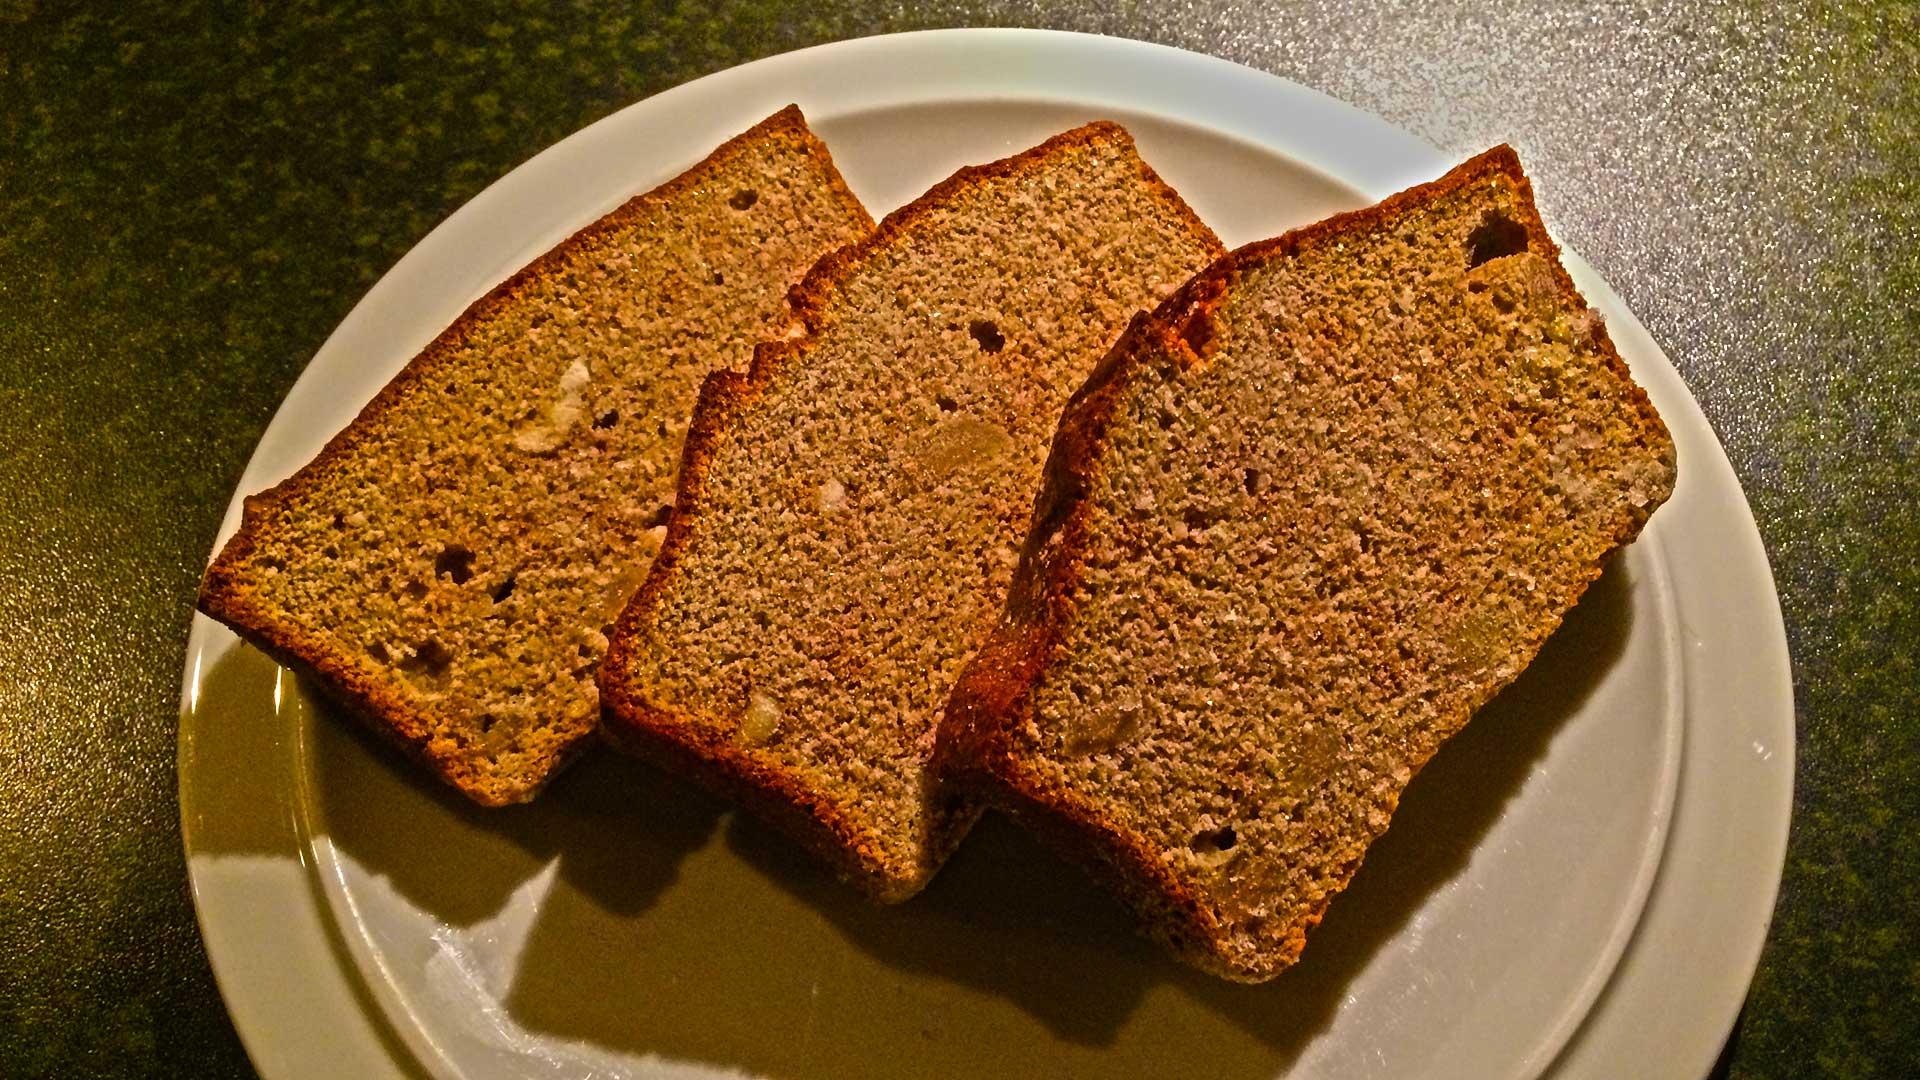 Zelfgemaakte snack voor op de fiets: supersimpel bananenbrood